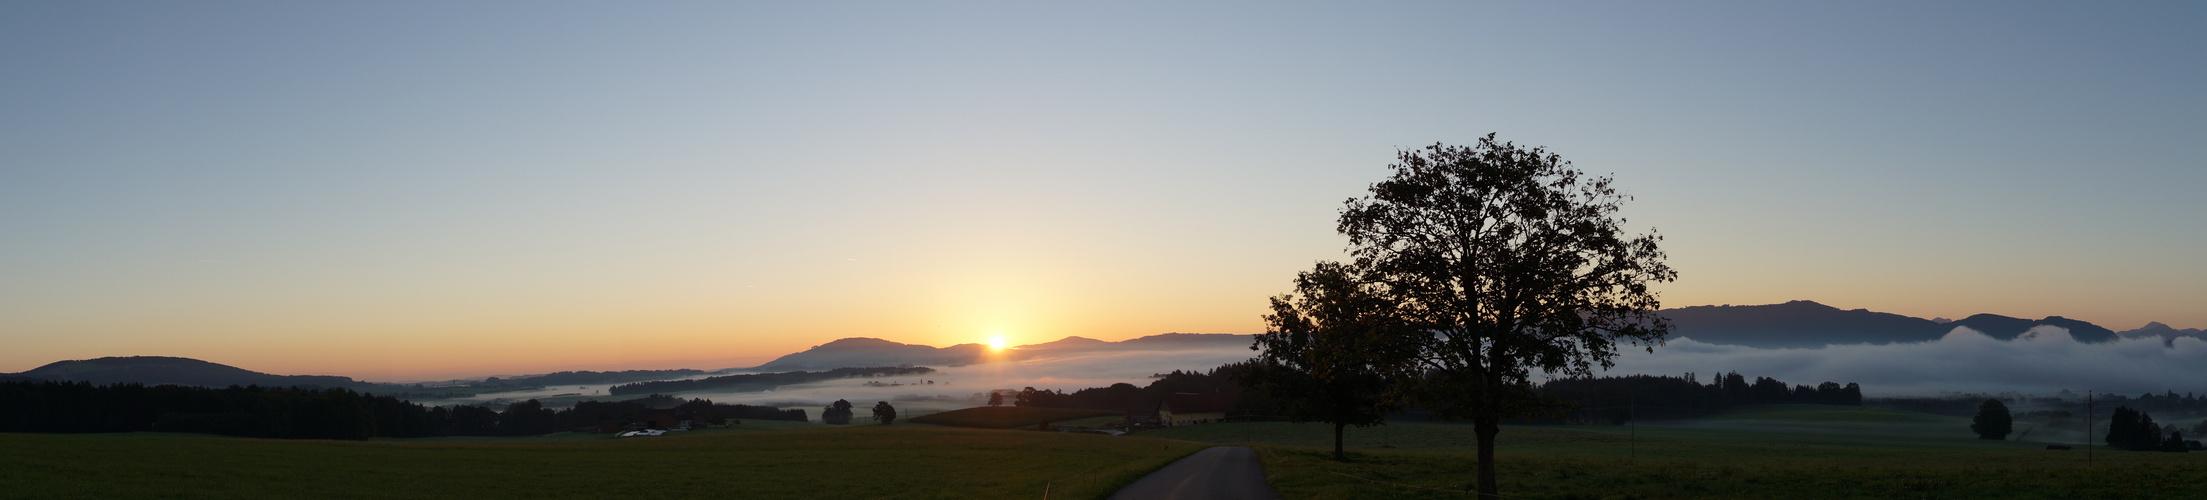 Sonnenaufgang Nähe Wallersee